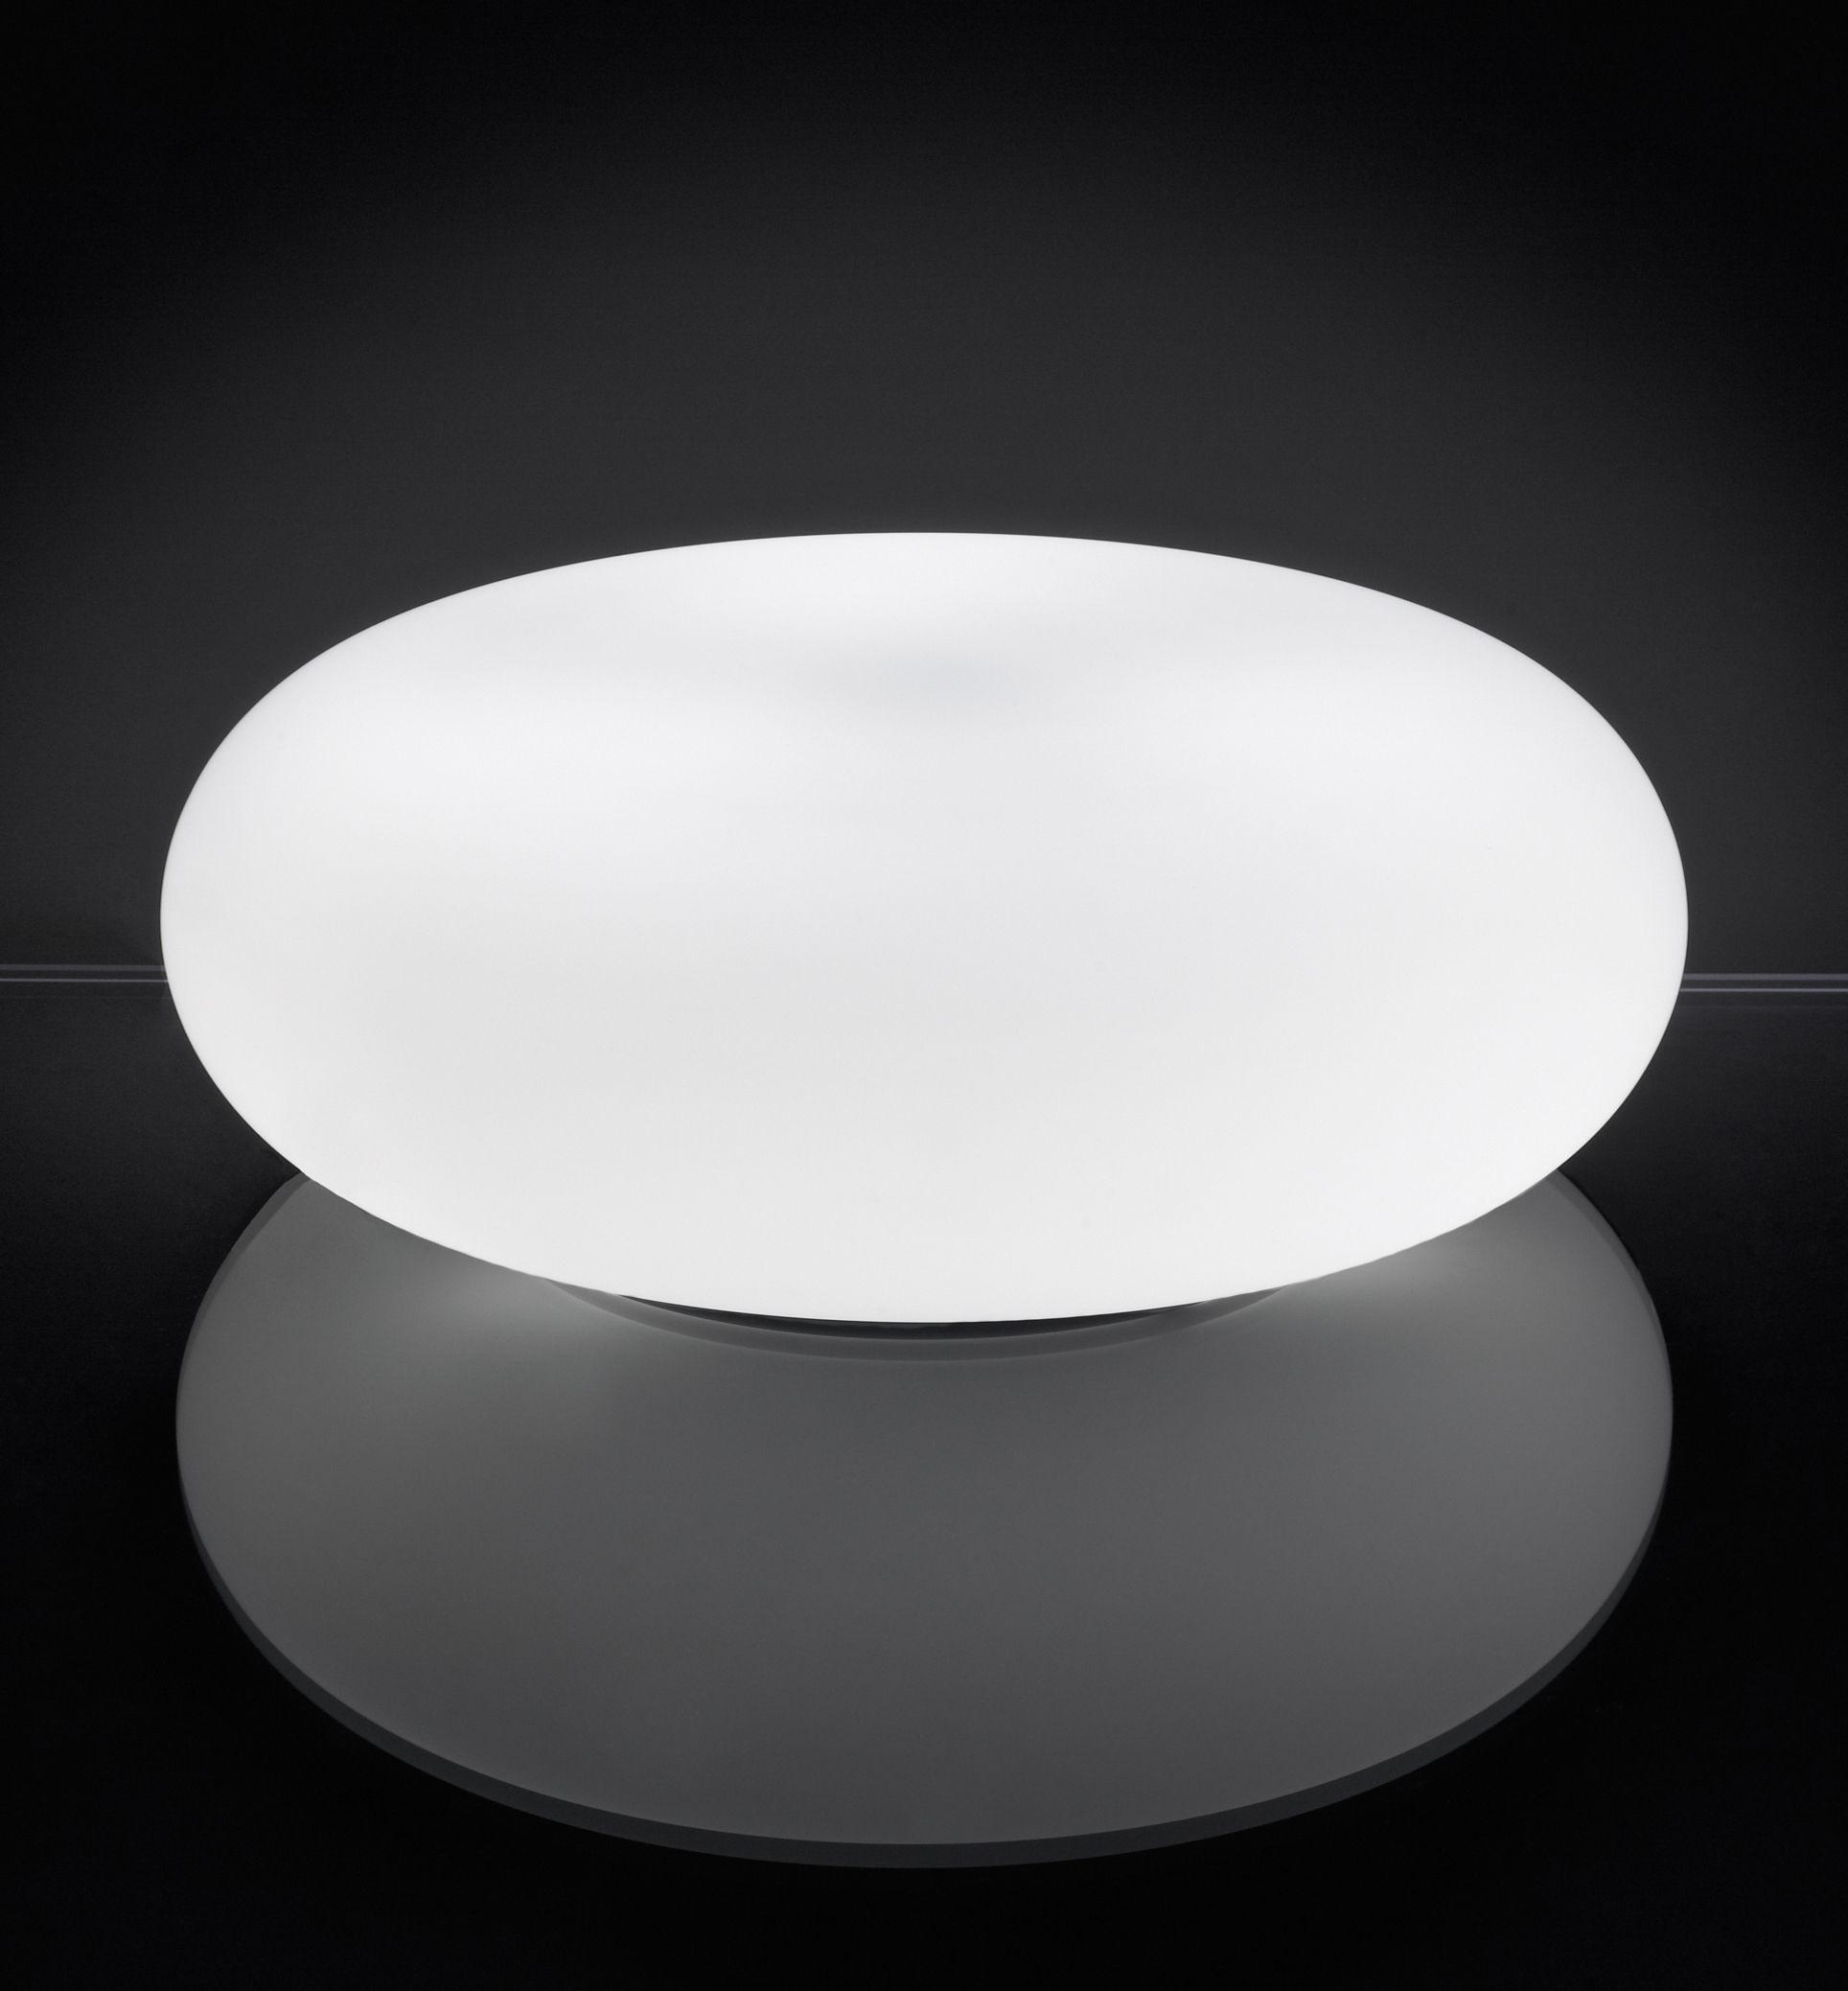 Luminaire - Lampes de table - Lampe de table Itka Ø 35 cm - Danese Light - Blanc - Ø 35 cm - Métal, Verre